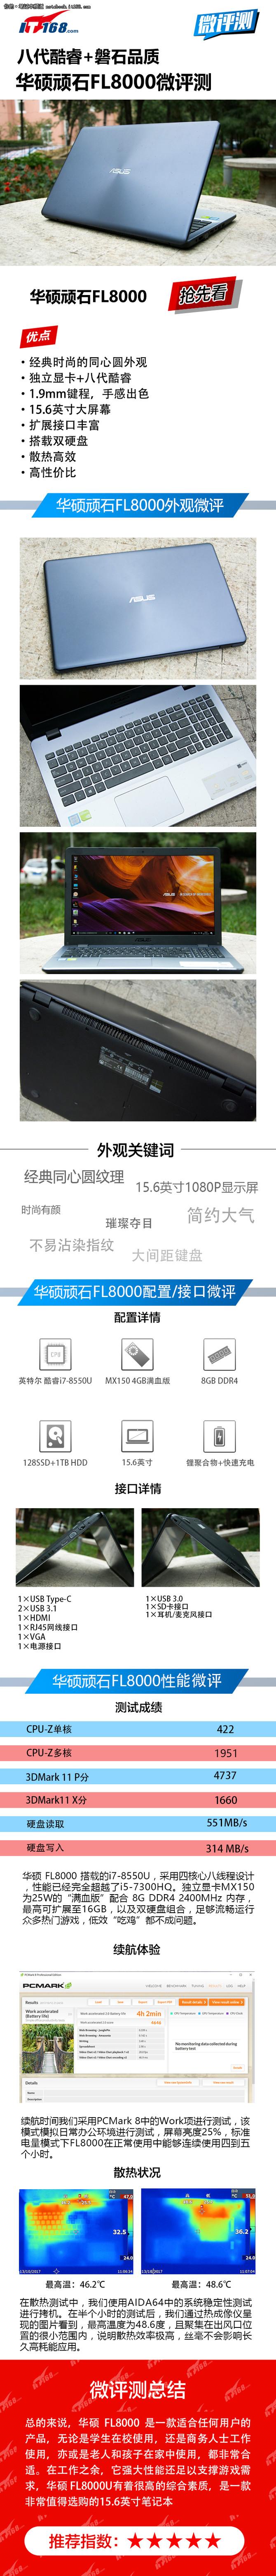 八代酷睿+磐石品质 微评华硕顽石FL8000